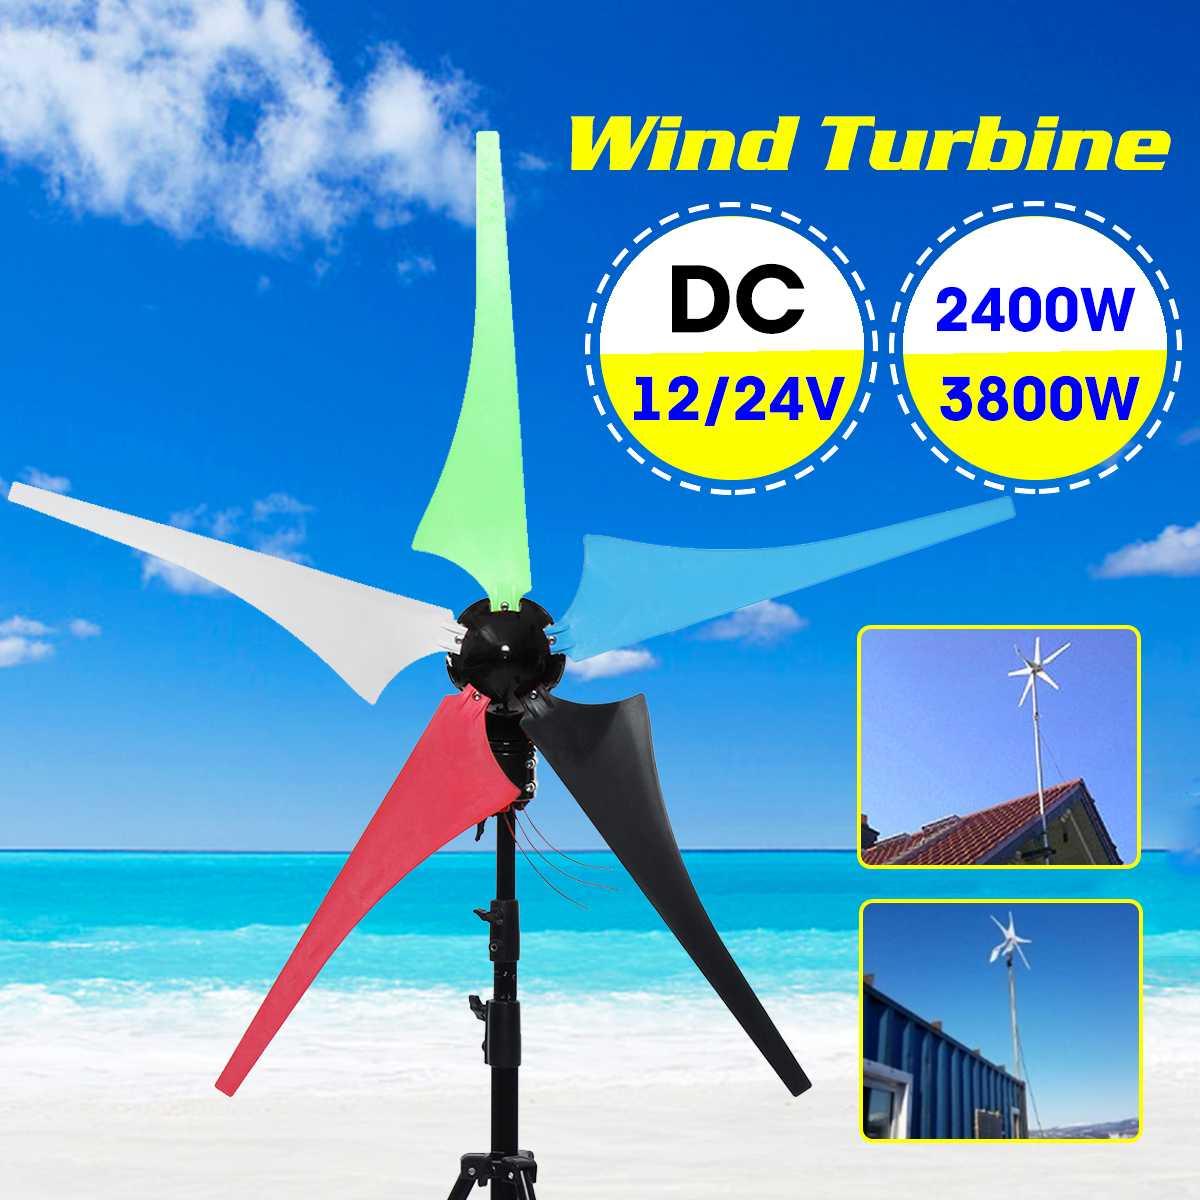 2400/3800W éolienne 12/24V ménage 5 lames éolienne générateur vent contrôleur gratuit cadeau Set accessoires de montage